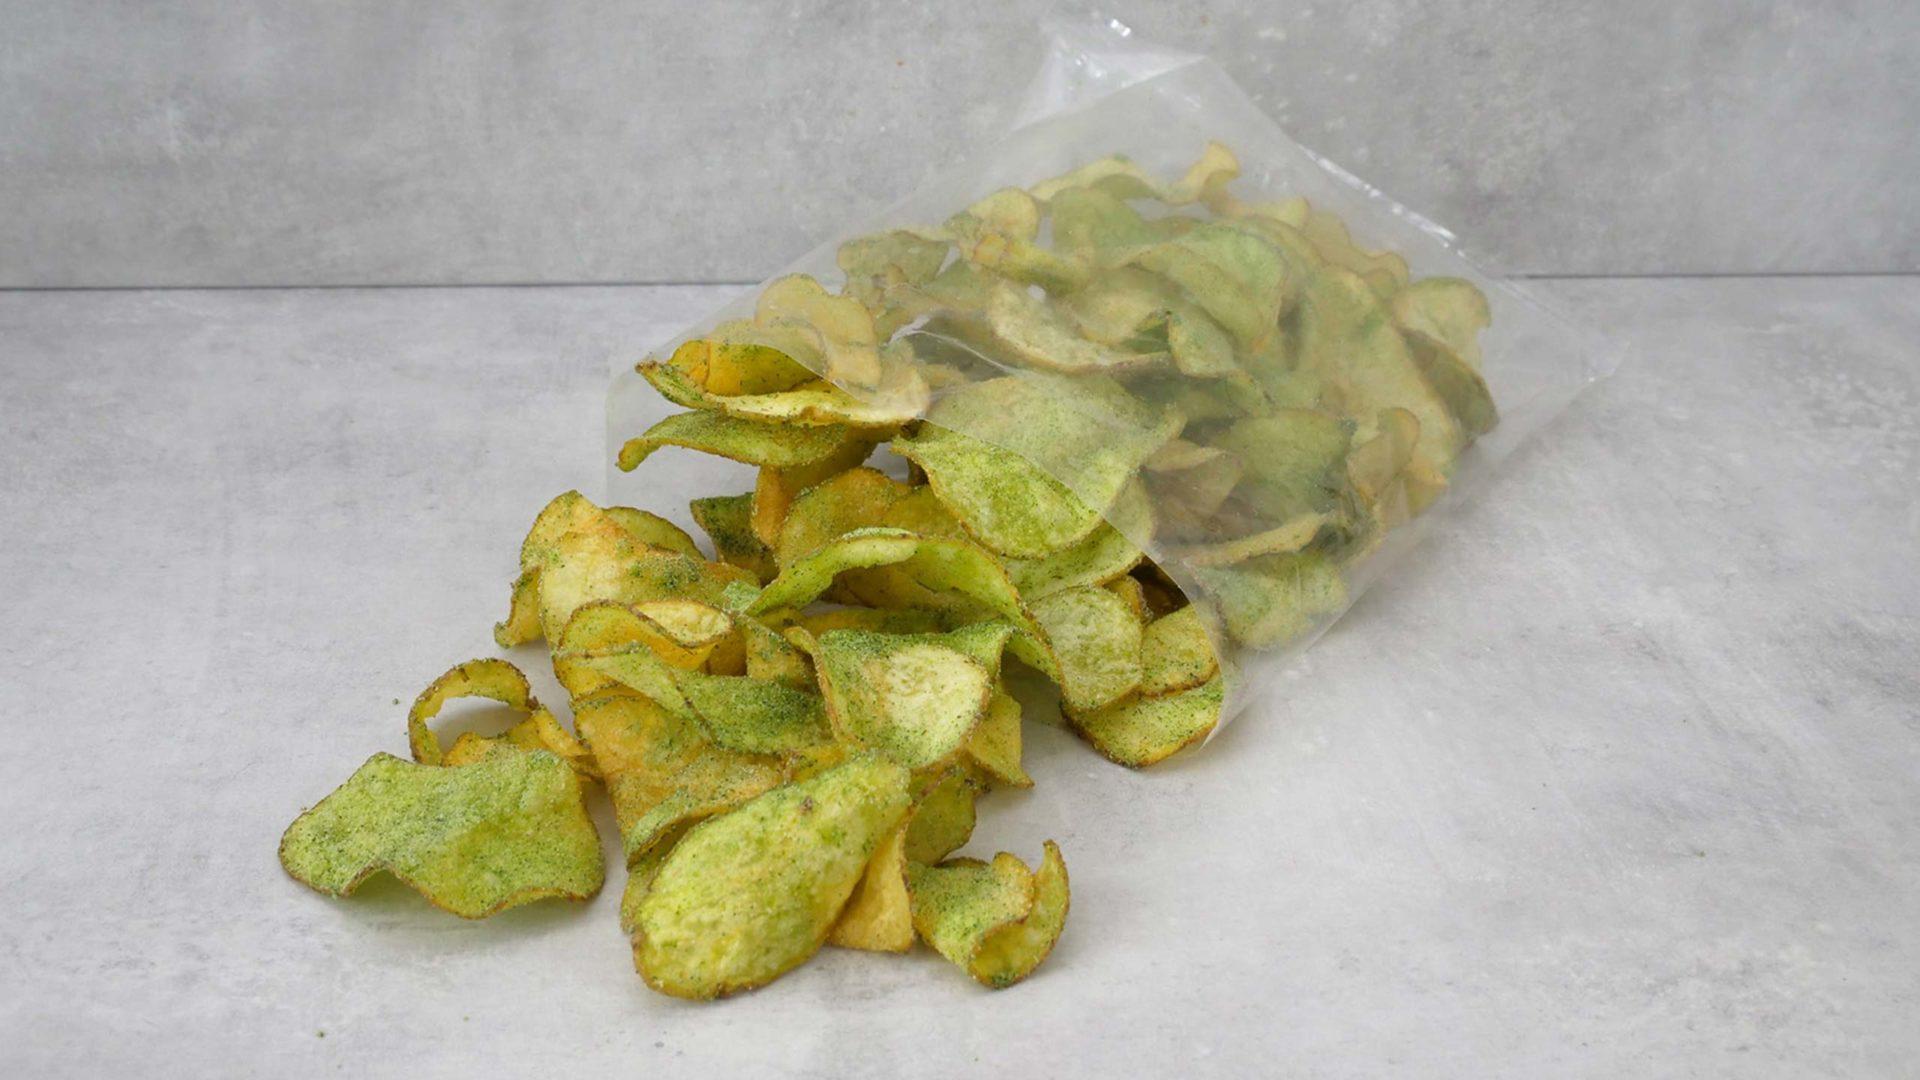 Grün bestäubte Chips in offener, durchsichtiger Tüte